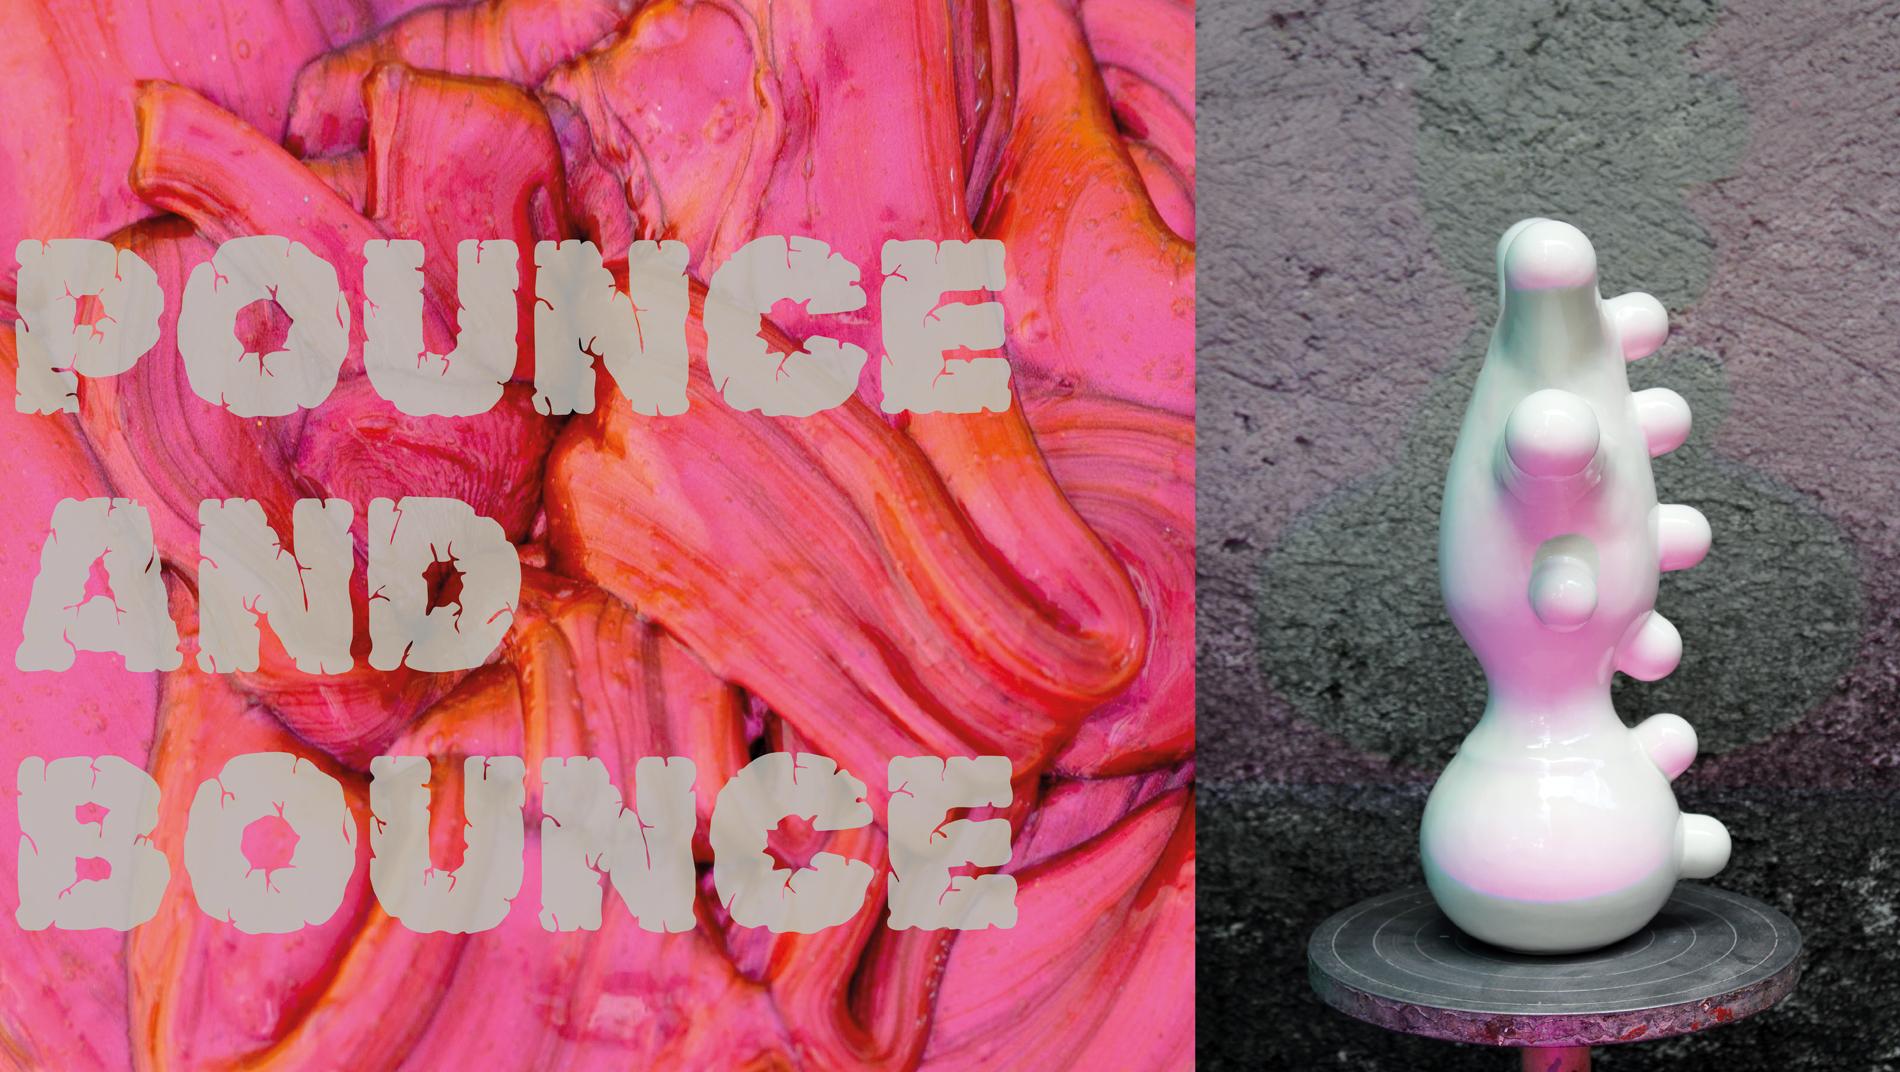 2017 MA Pounce and bounce 001